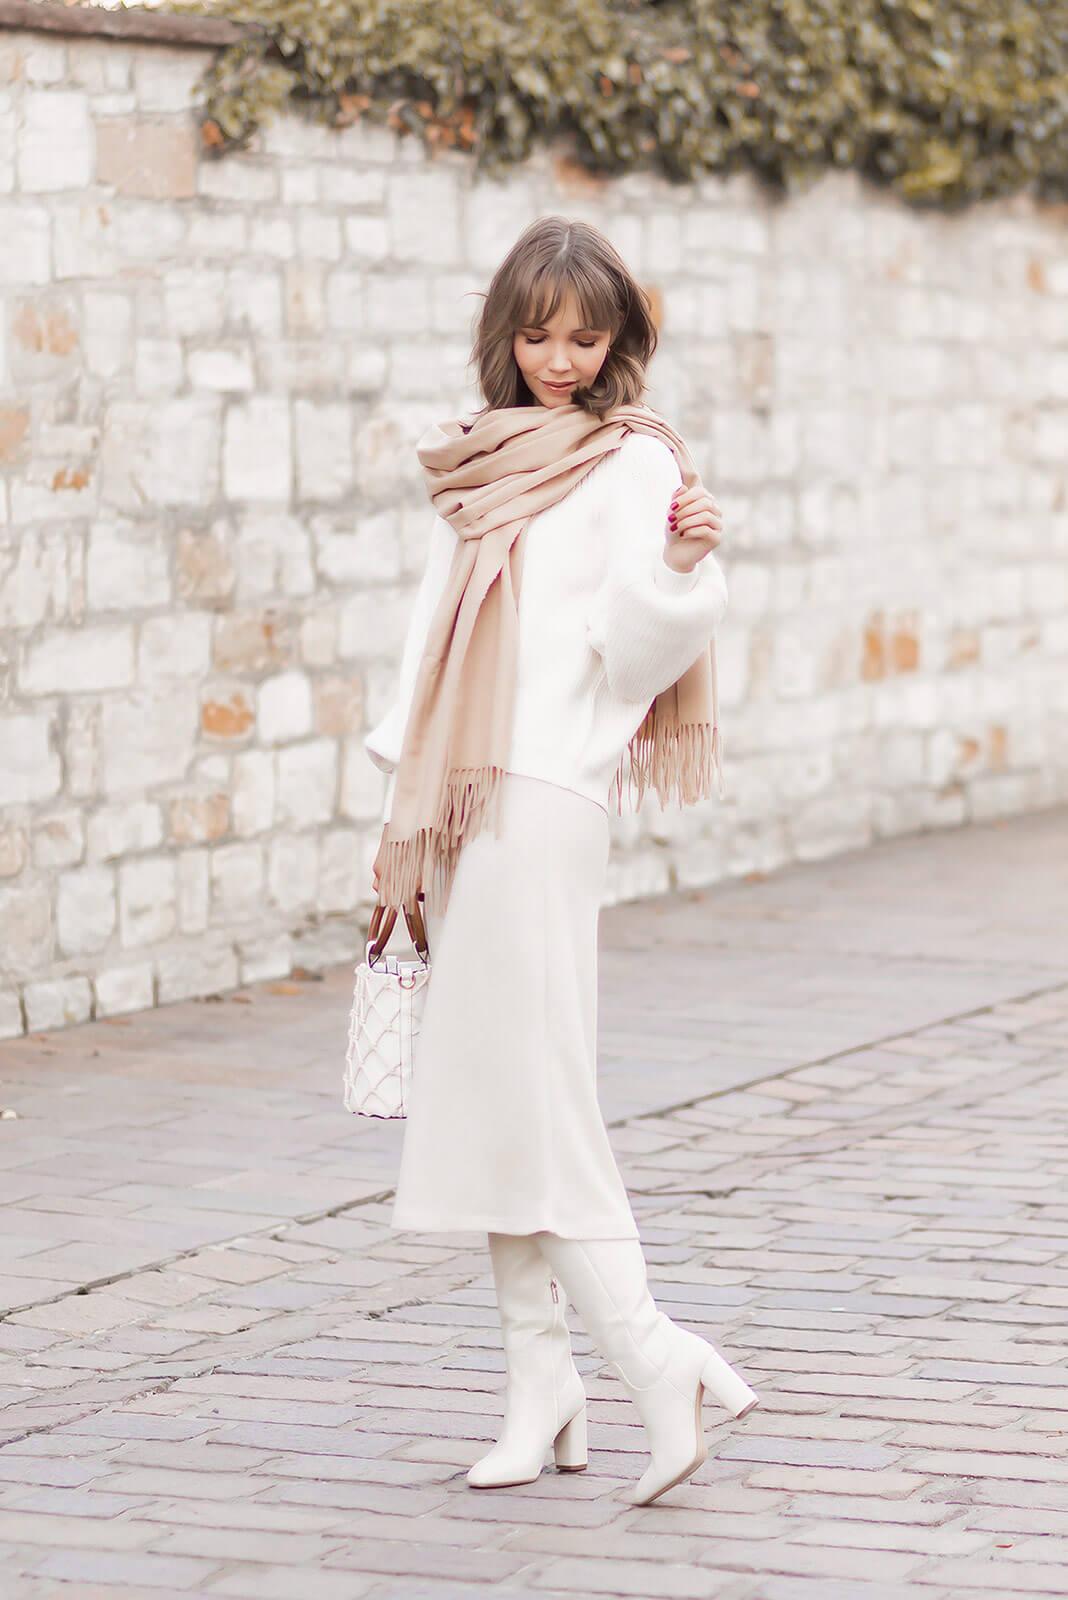 Weiße Stiefel kombinieren, Schuhtrend 2020, All White Outfit für den Herbst, Shoelove by Deichmann